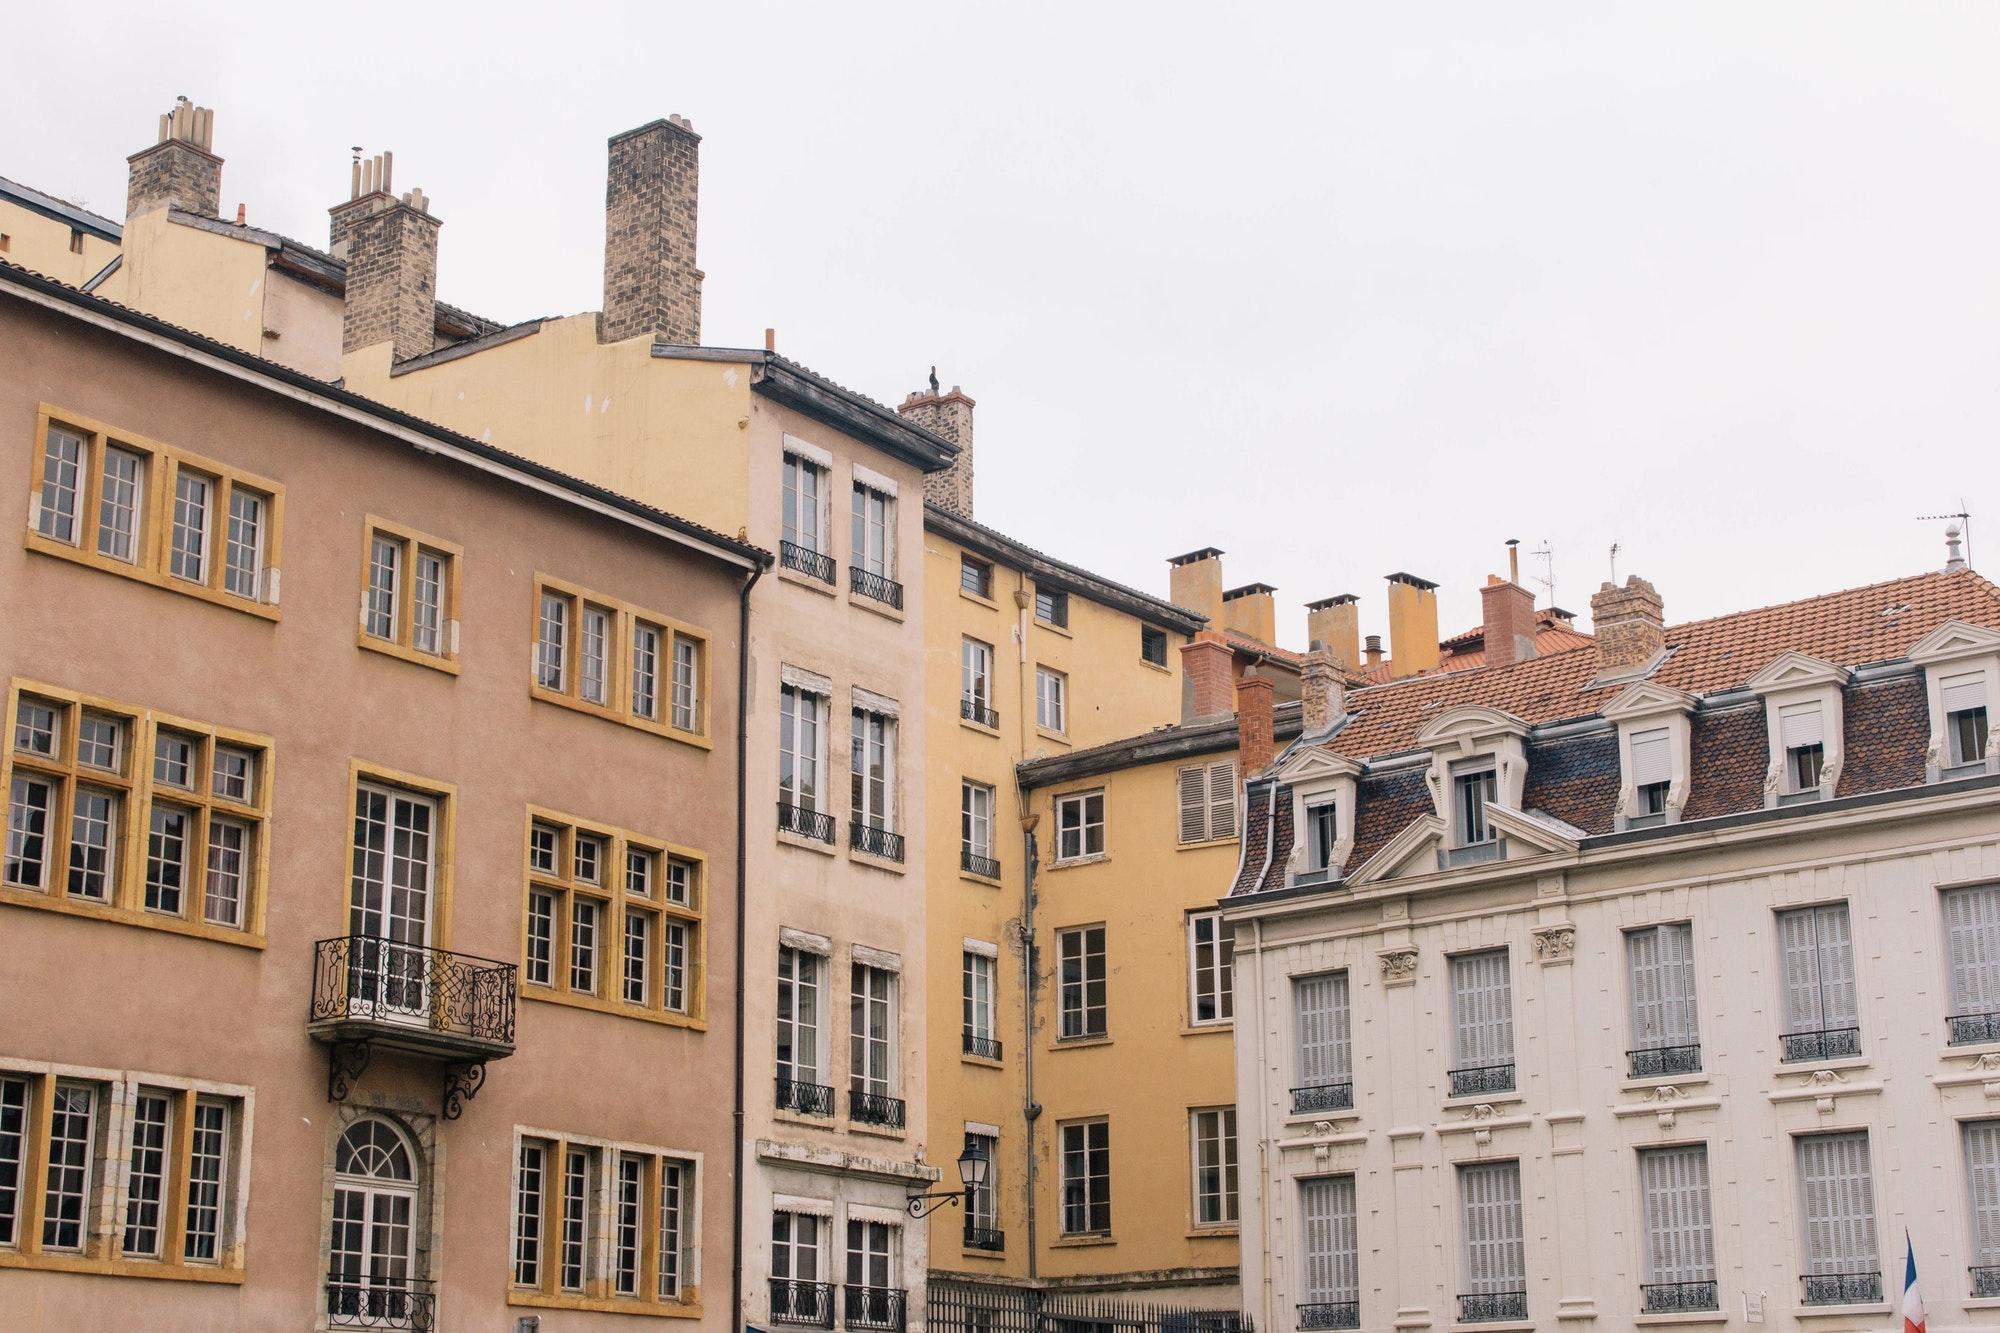 Amiens en Picardía es una visita fascinante